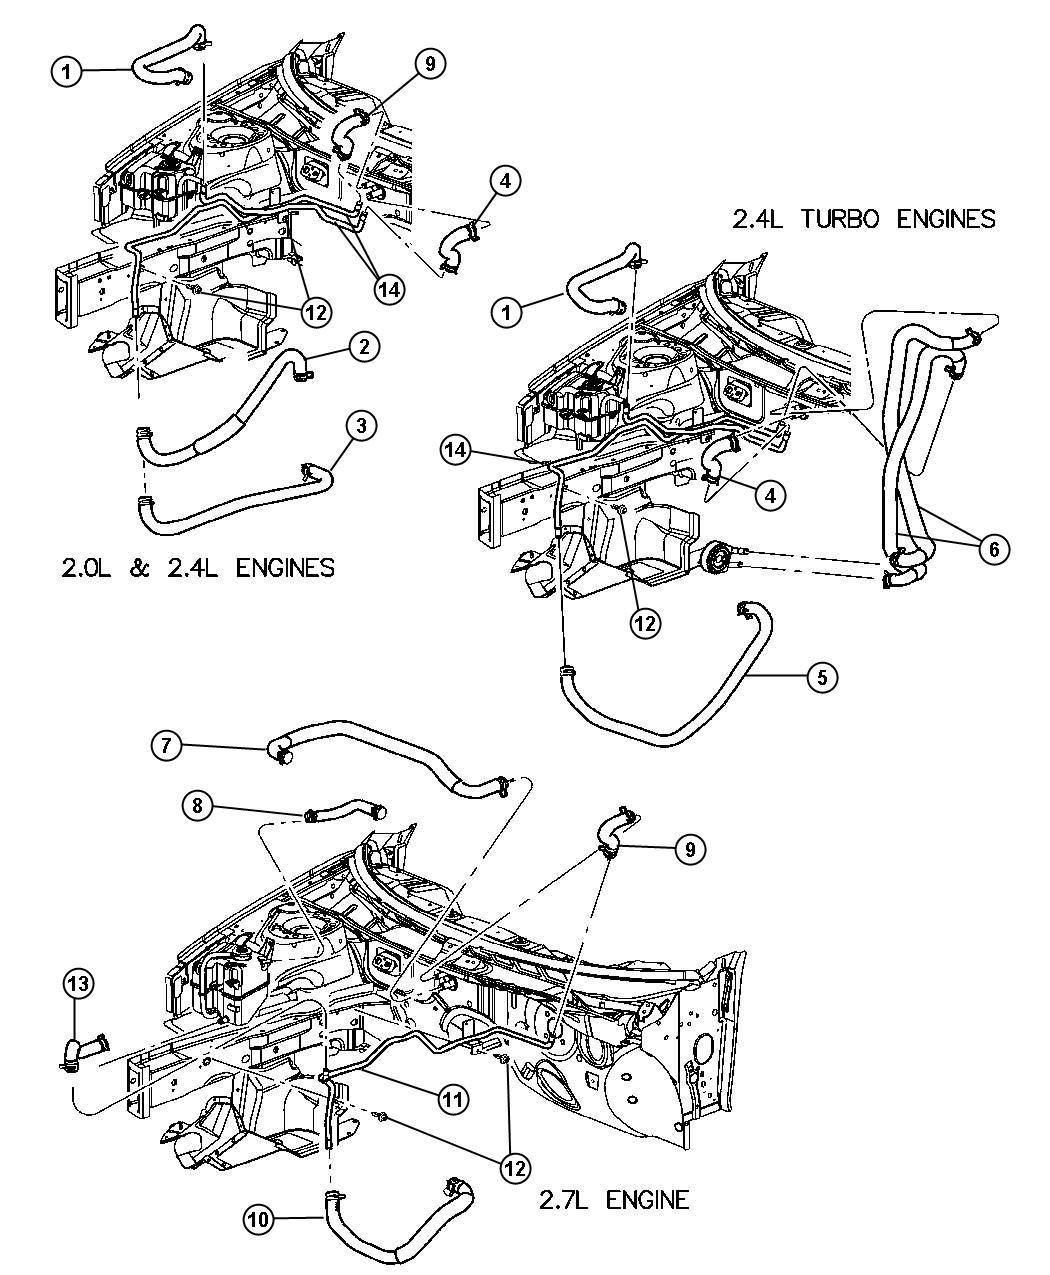 2001 Chrysler Sebring Plumbing, Heater